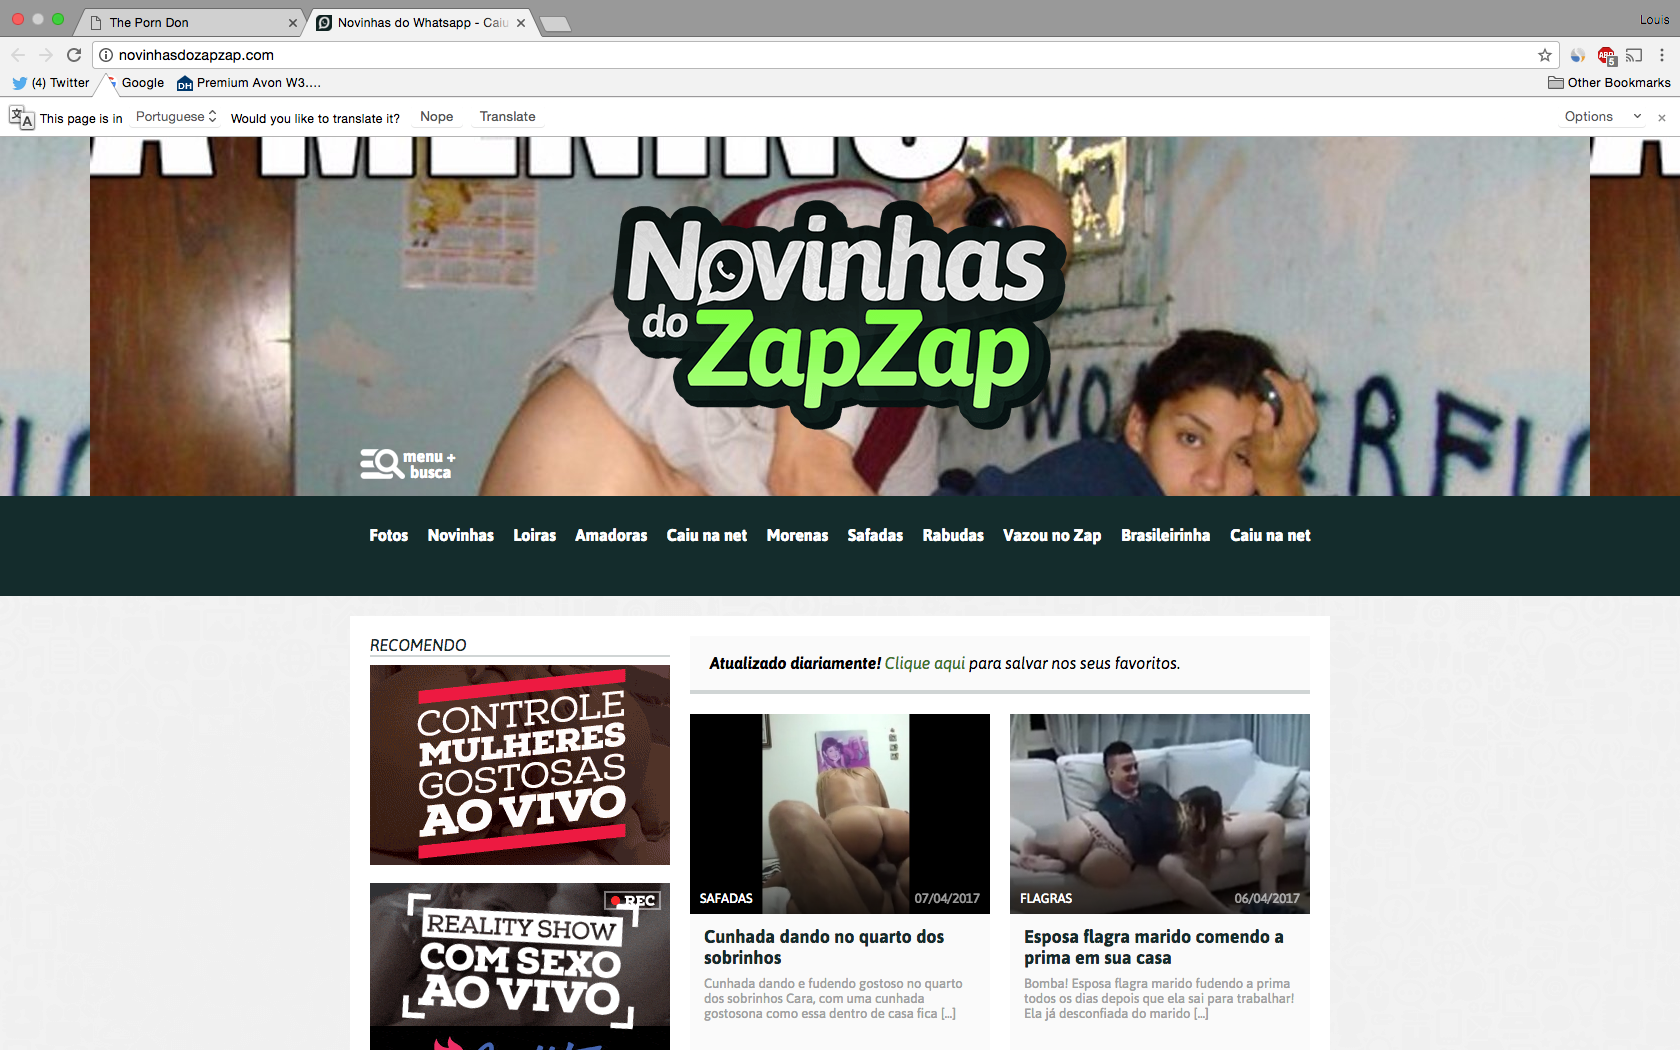 NovinhasDoZapZap